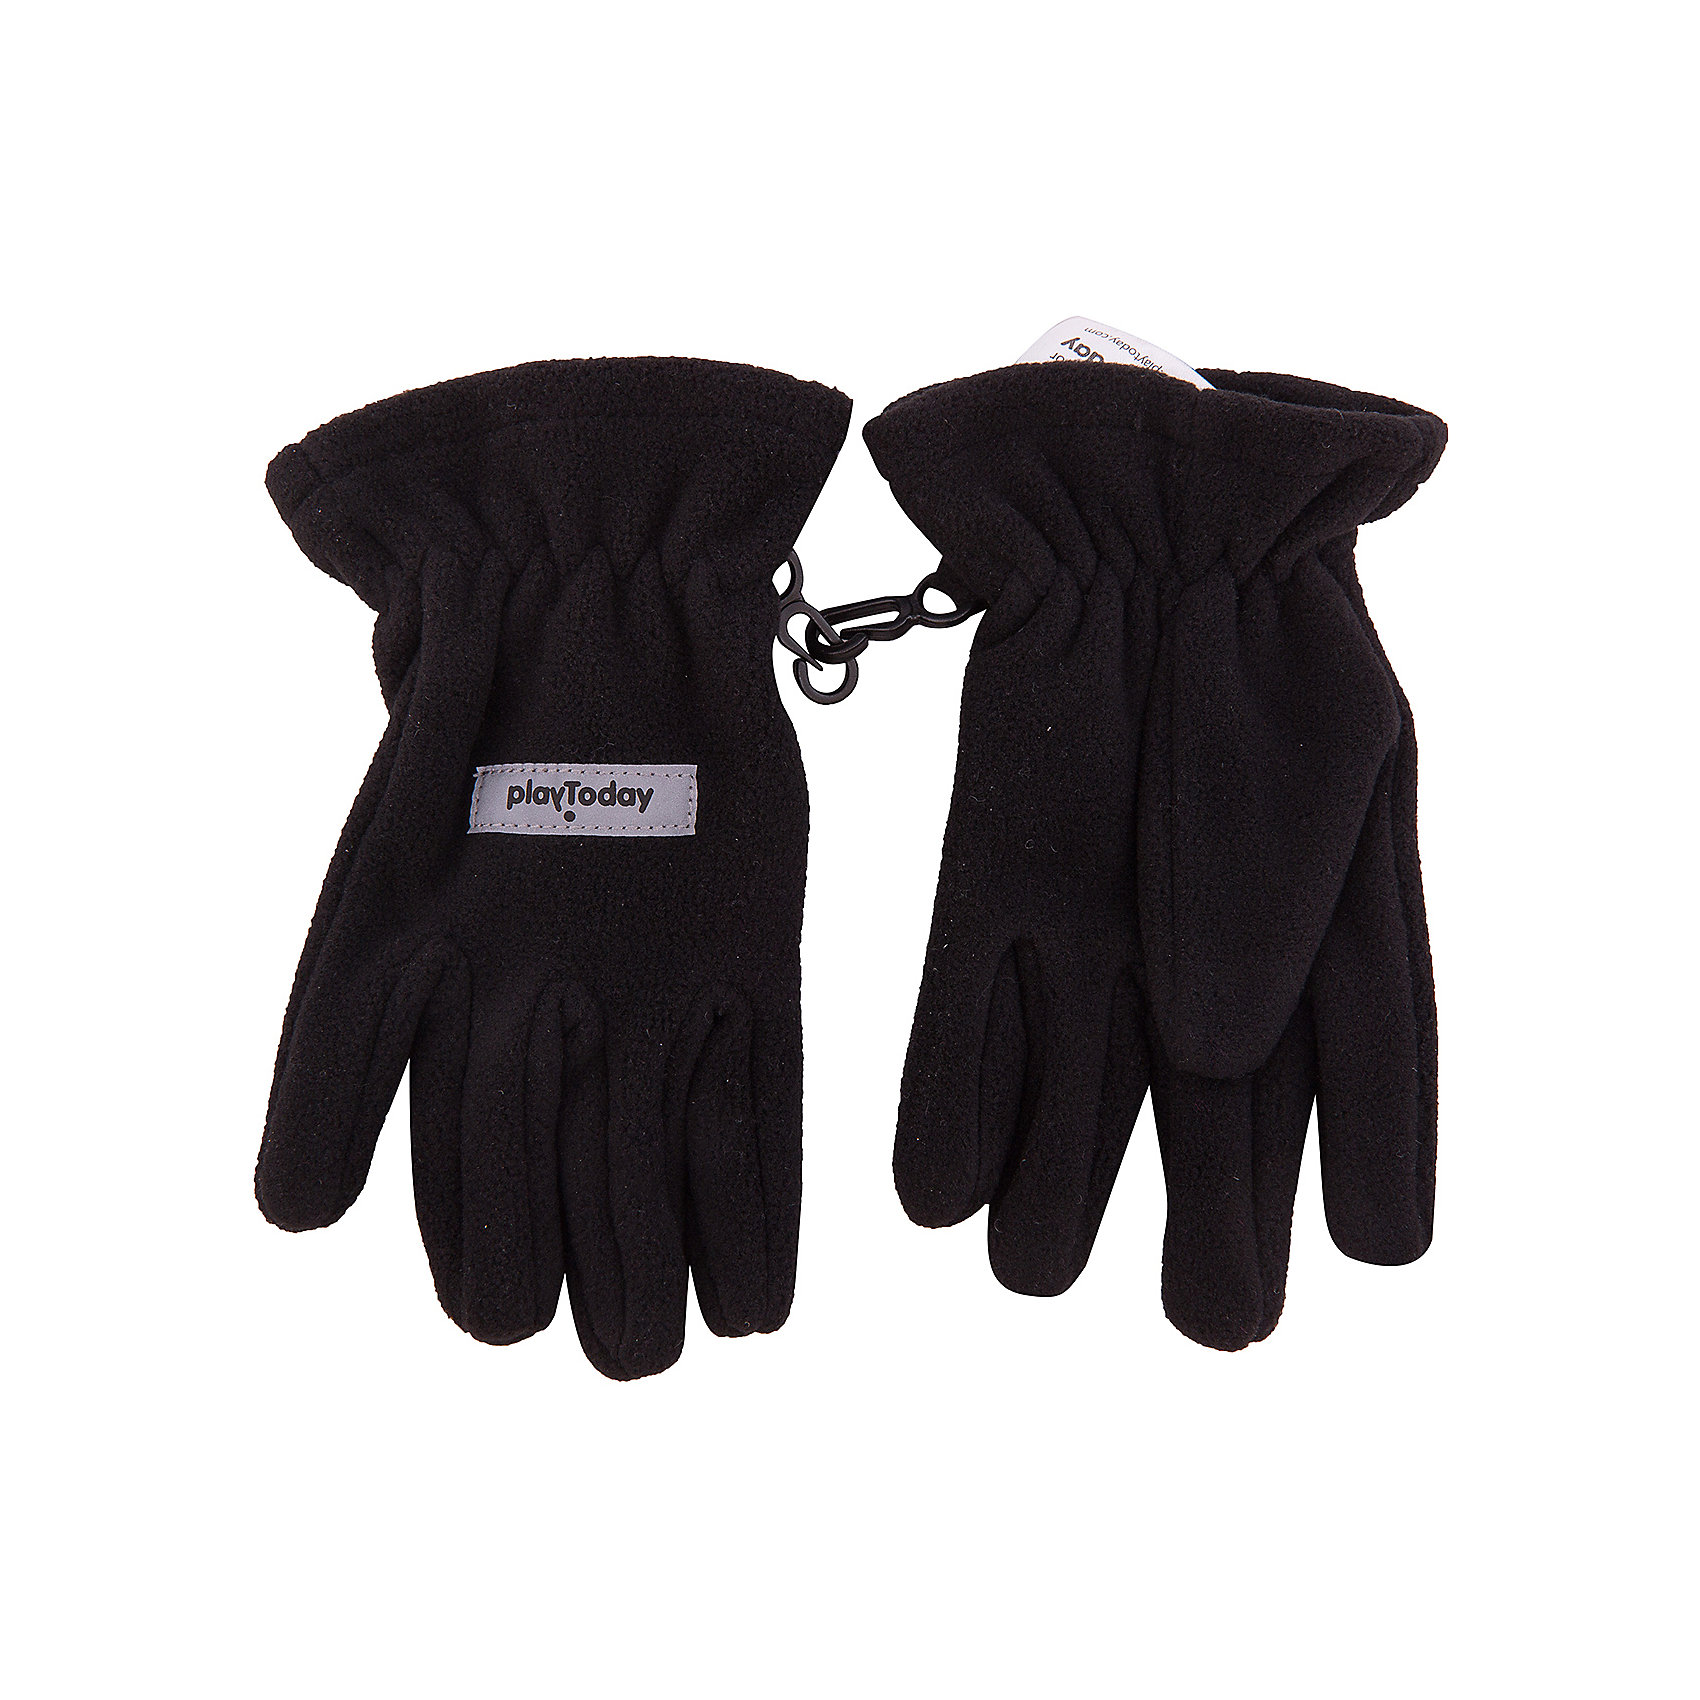 Перчатки PlayToday для мальчикаПерчатки, варежки<br>Перчатки PlayToday для мальчика<br>Перчатки из теплого флиса - отличное решение для прогулок в холодную погоды. Запястья модели с резинкой для дополнительного сохранения тепла. Перчатки дополнены специальными крючками, при необходимости их можно скрепить между собой или пристегнуть к куртке.<br>Состав:<br>100% полиэстер<br><br>Ширина мм: 162<br>Глубина мм: 171<br>Высота мм: 55<br>Вес г: 119<br>Цвет: черный<br>Возраст от месяцев: 84<br>Возраст до месяцев: 96<br>Пол: Мужской<br>Возраст: Детский<br>Размер: 4,2,3<br>SKU: 7106058